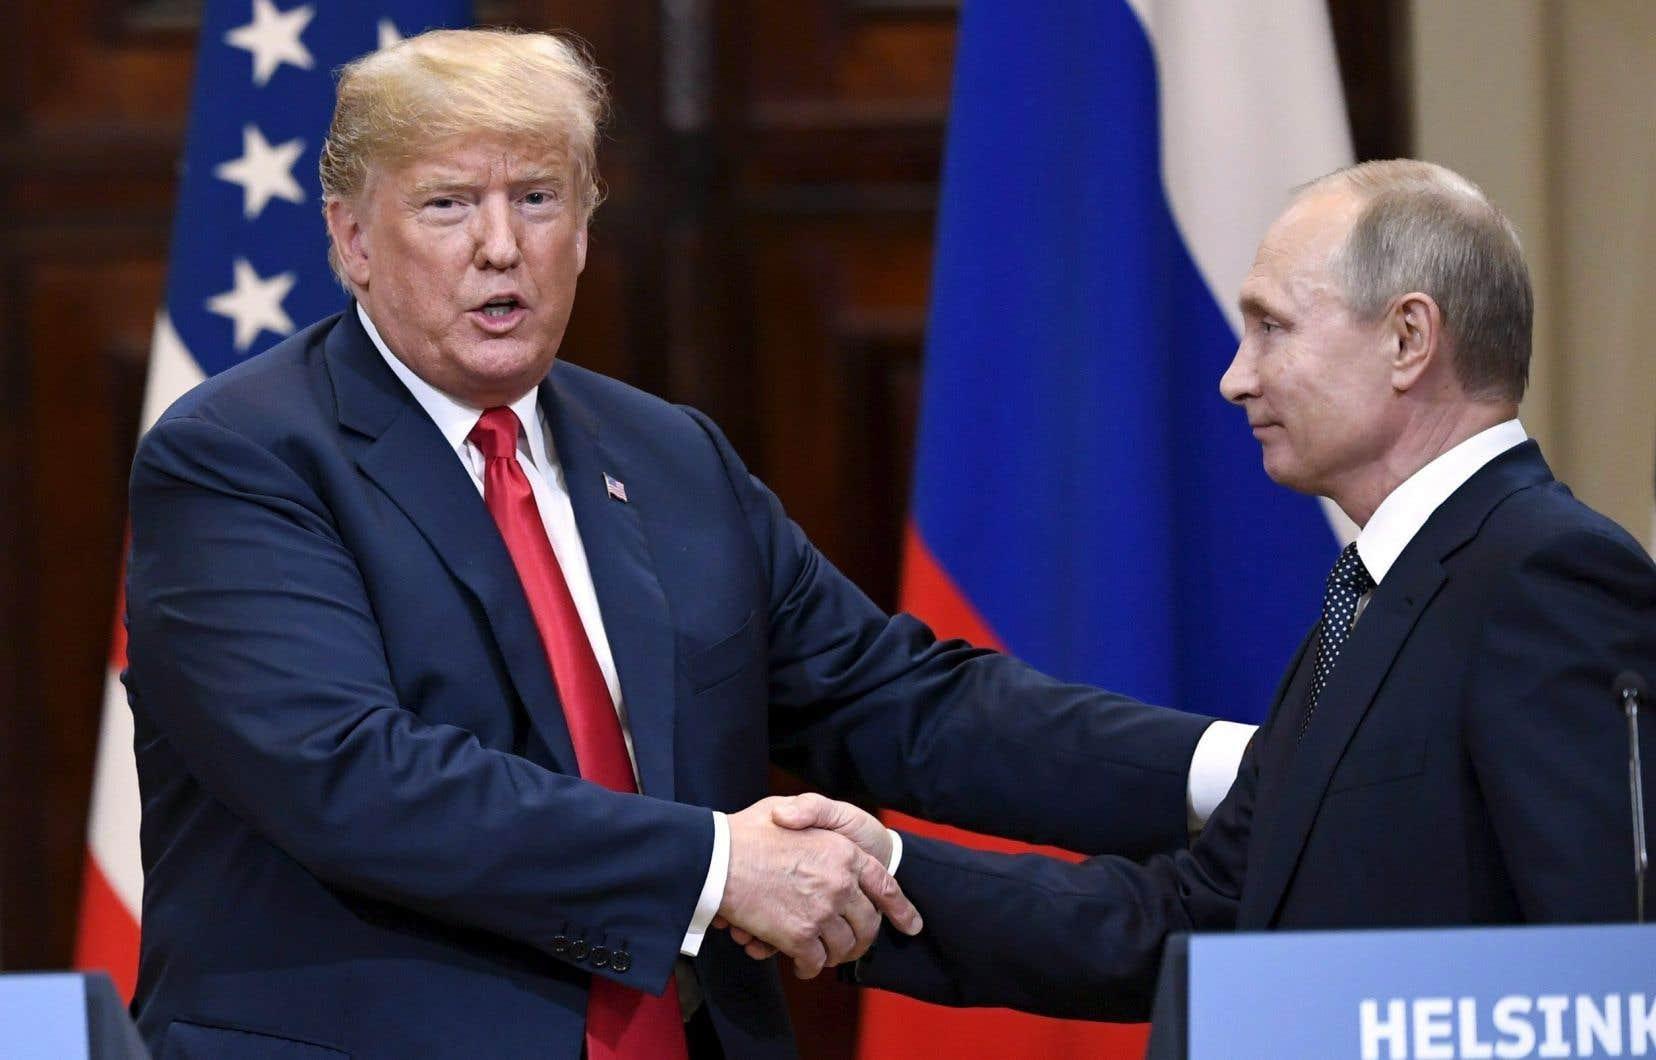 Le prochain sommet Trump-Poutine, initialement envisagé pour l'automne à Washington, aura finalement lieu «l'année prochaine», a fait savoir la présidence américaine.